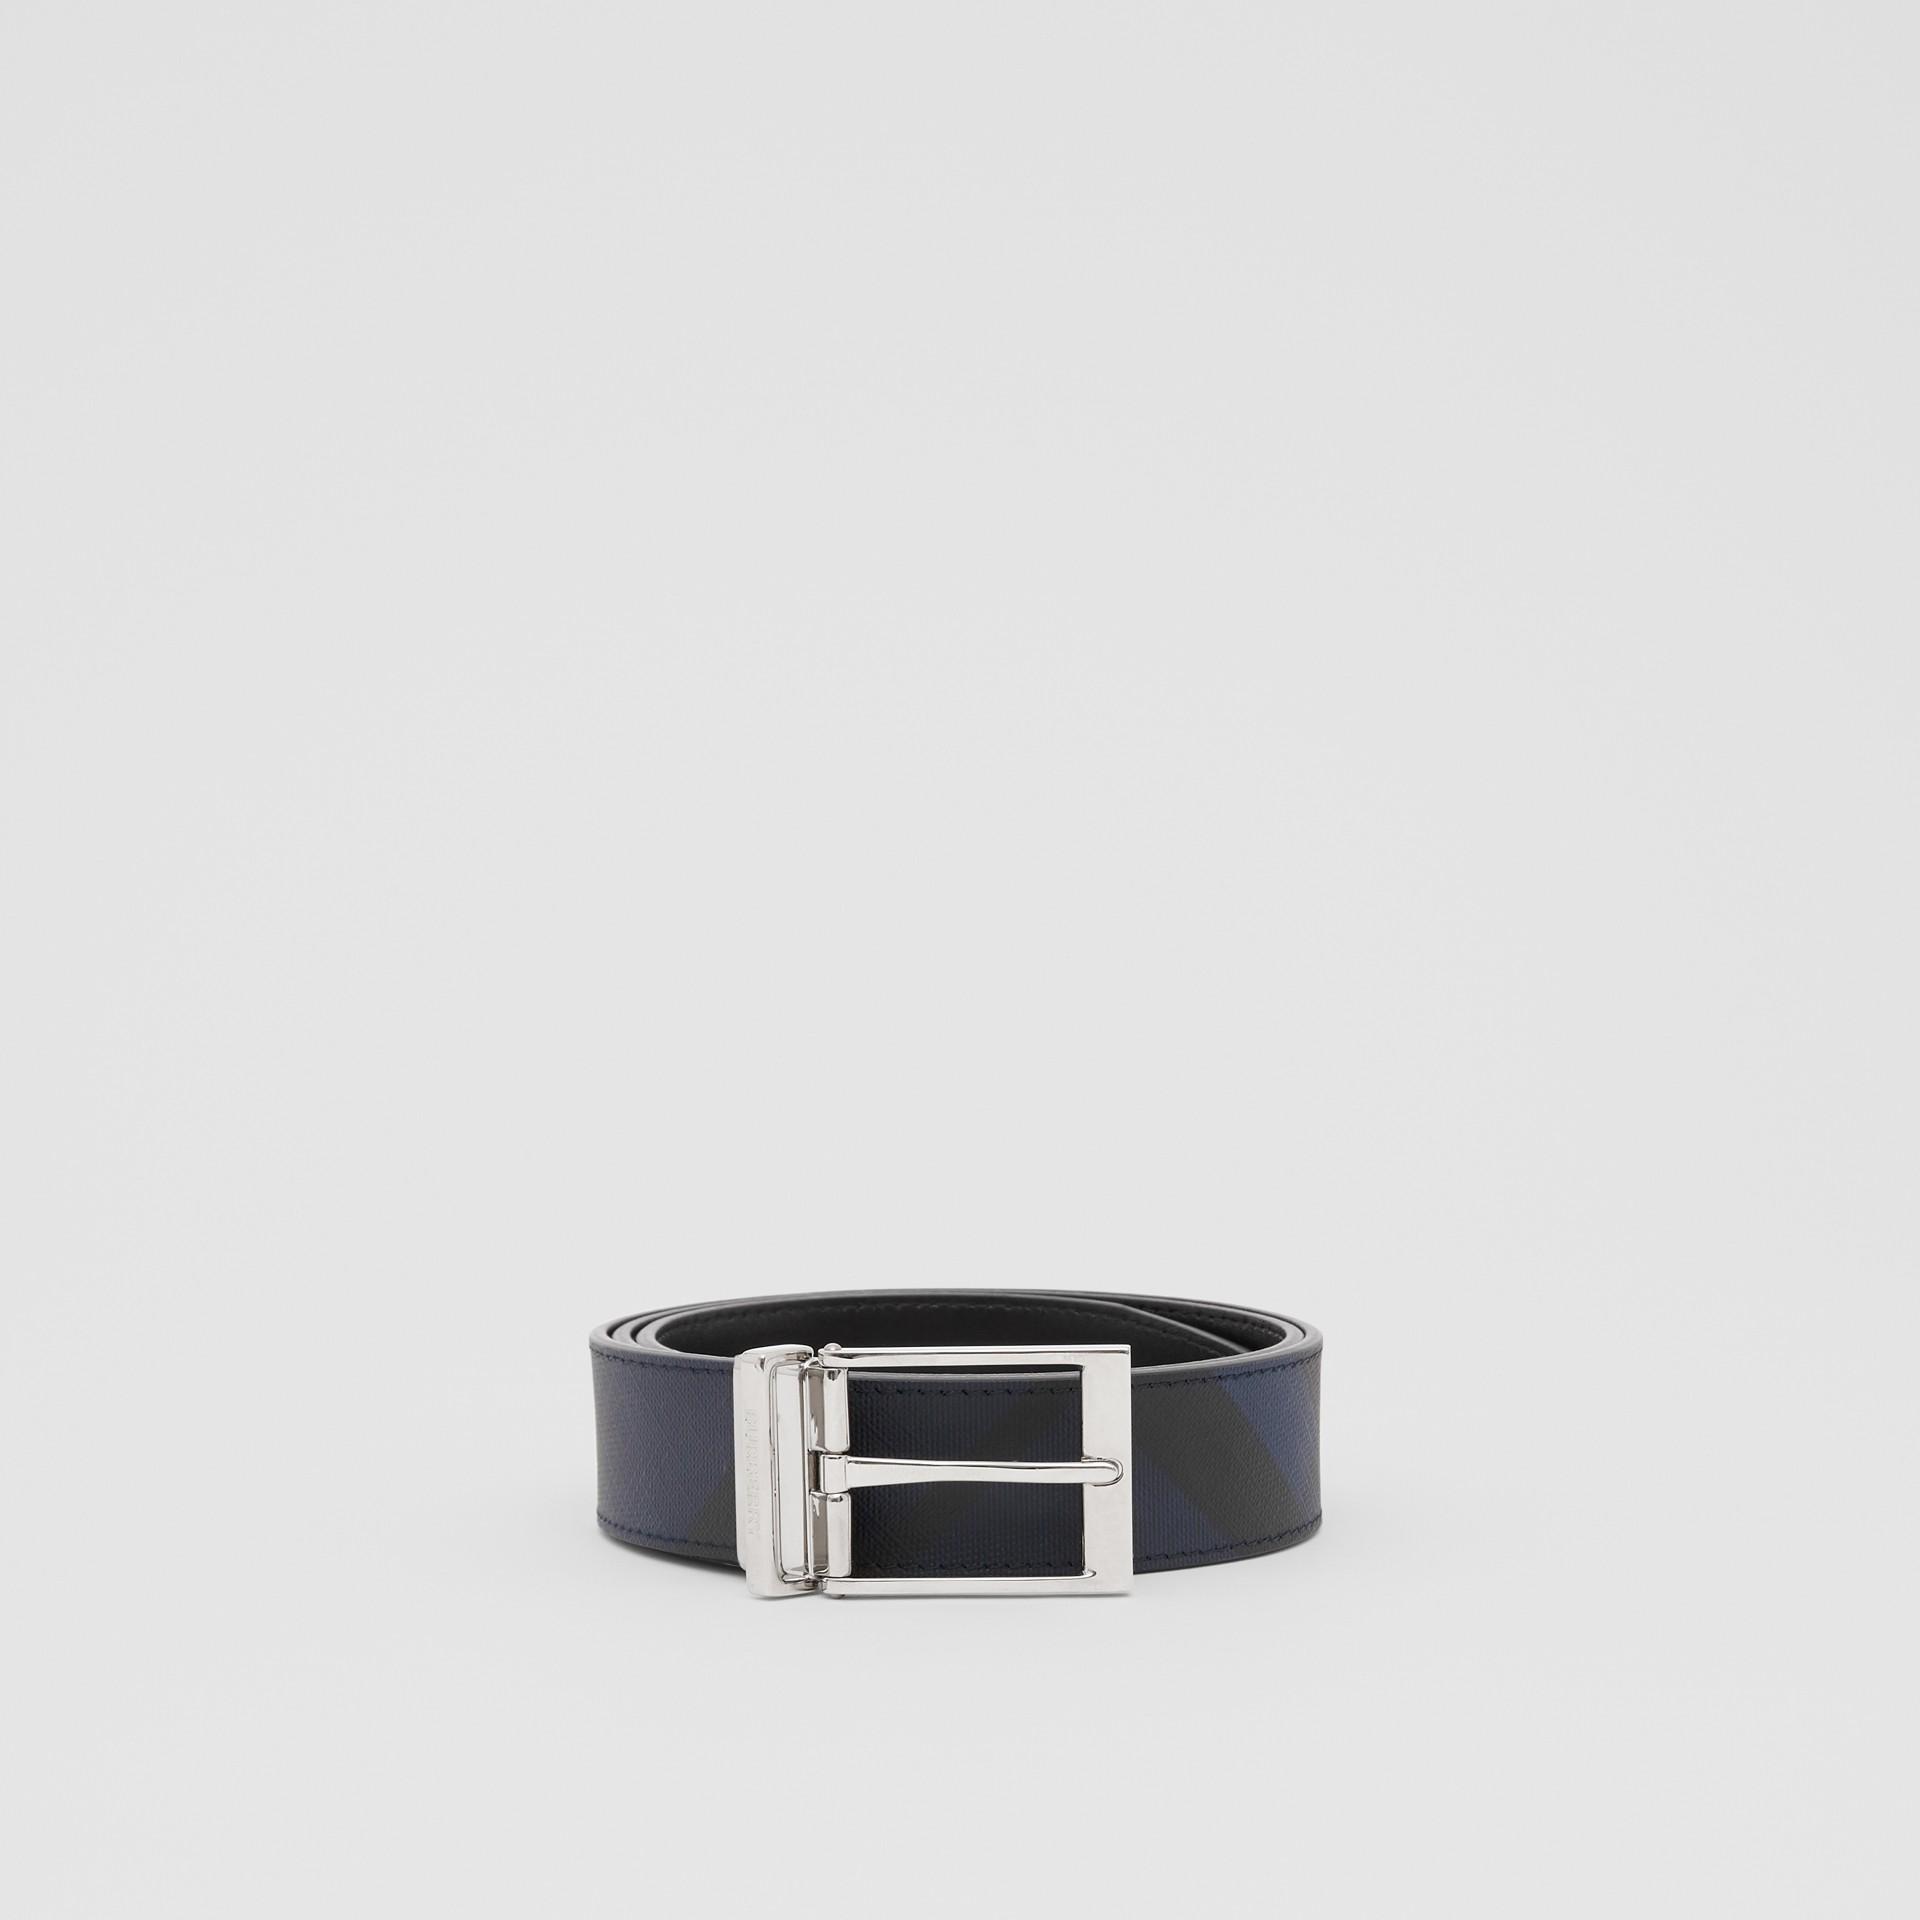 リバーシブル ロンドンチェック&レザー ベルト (ネイビー/ブラック) - メンズ | バーバリー - ギャラリーイメージ 3